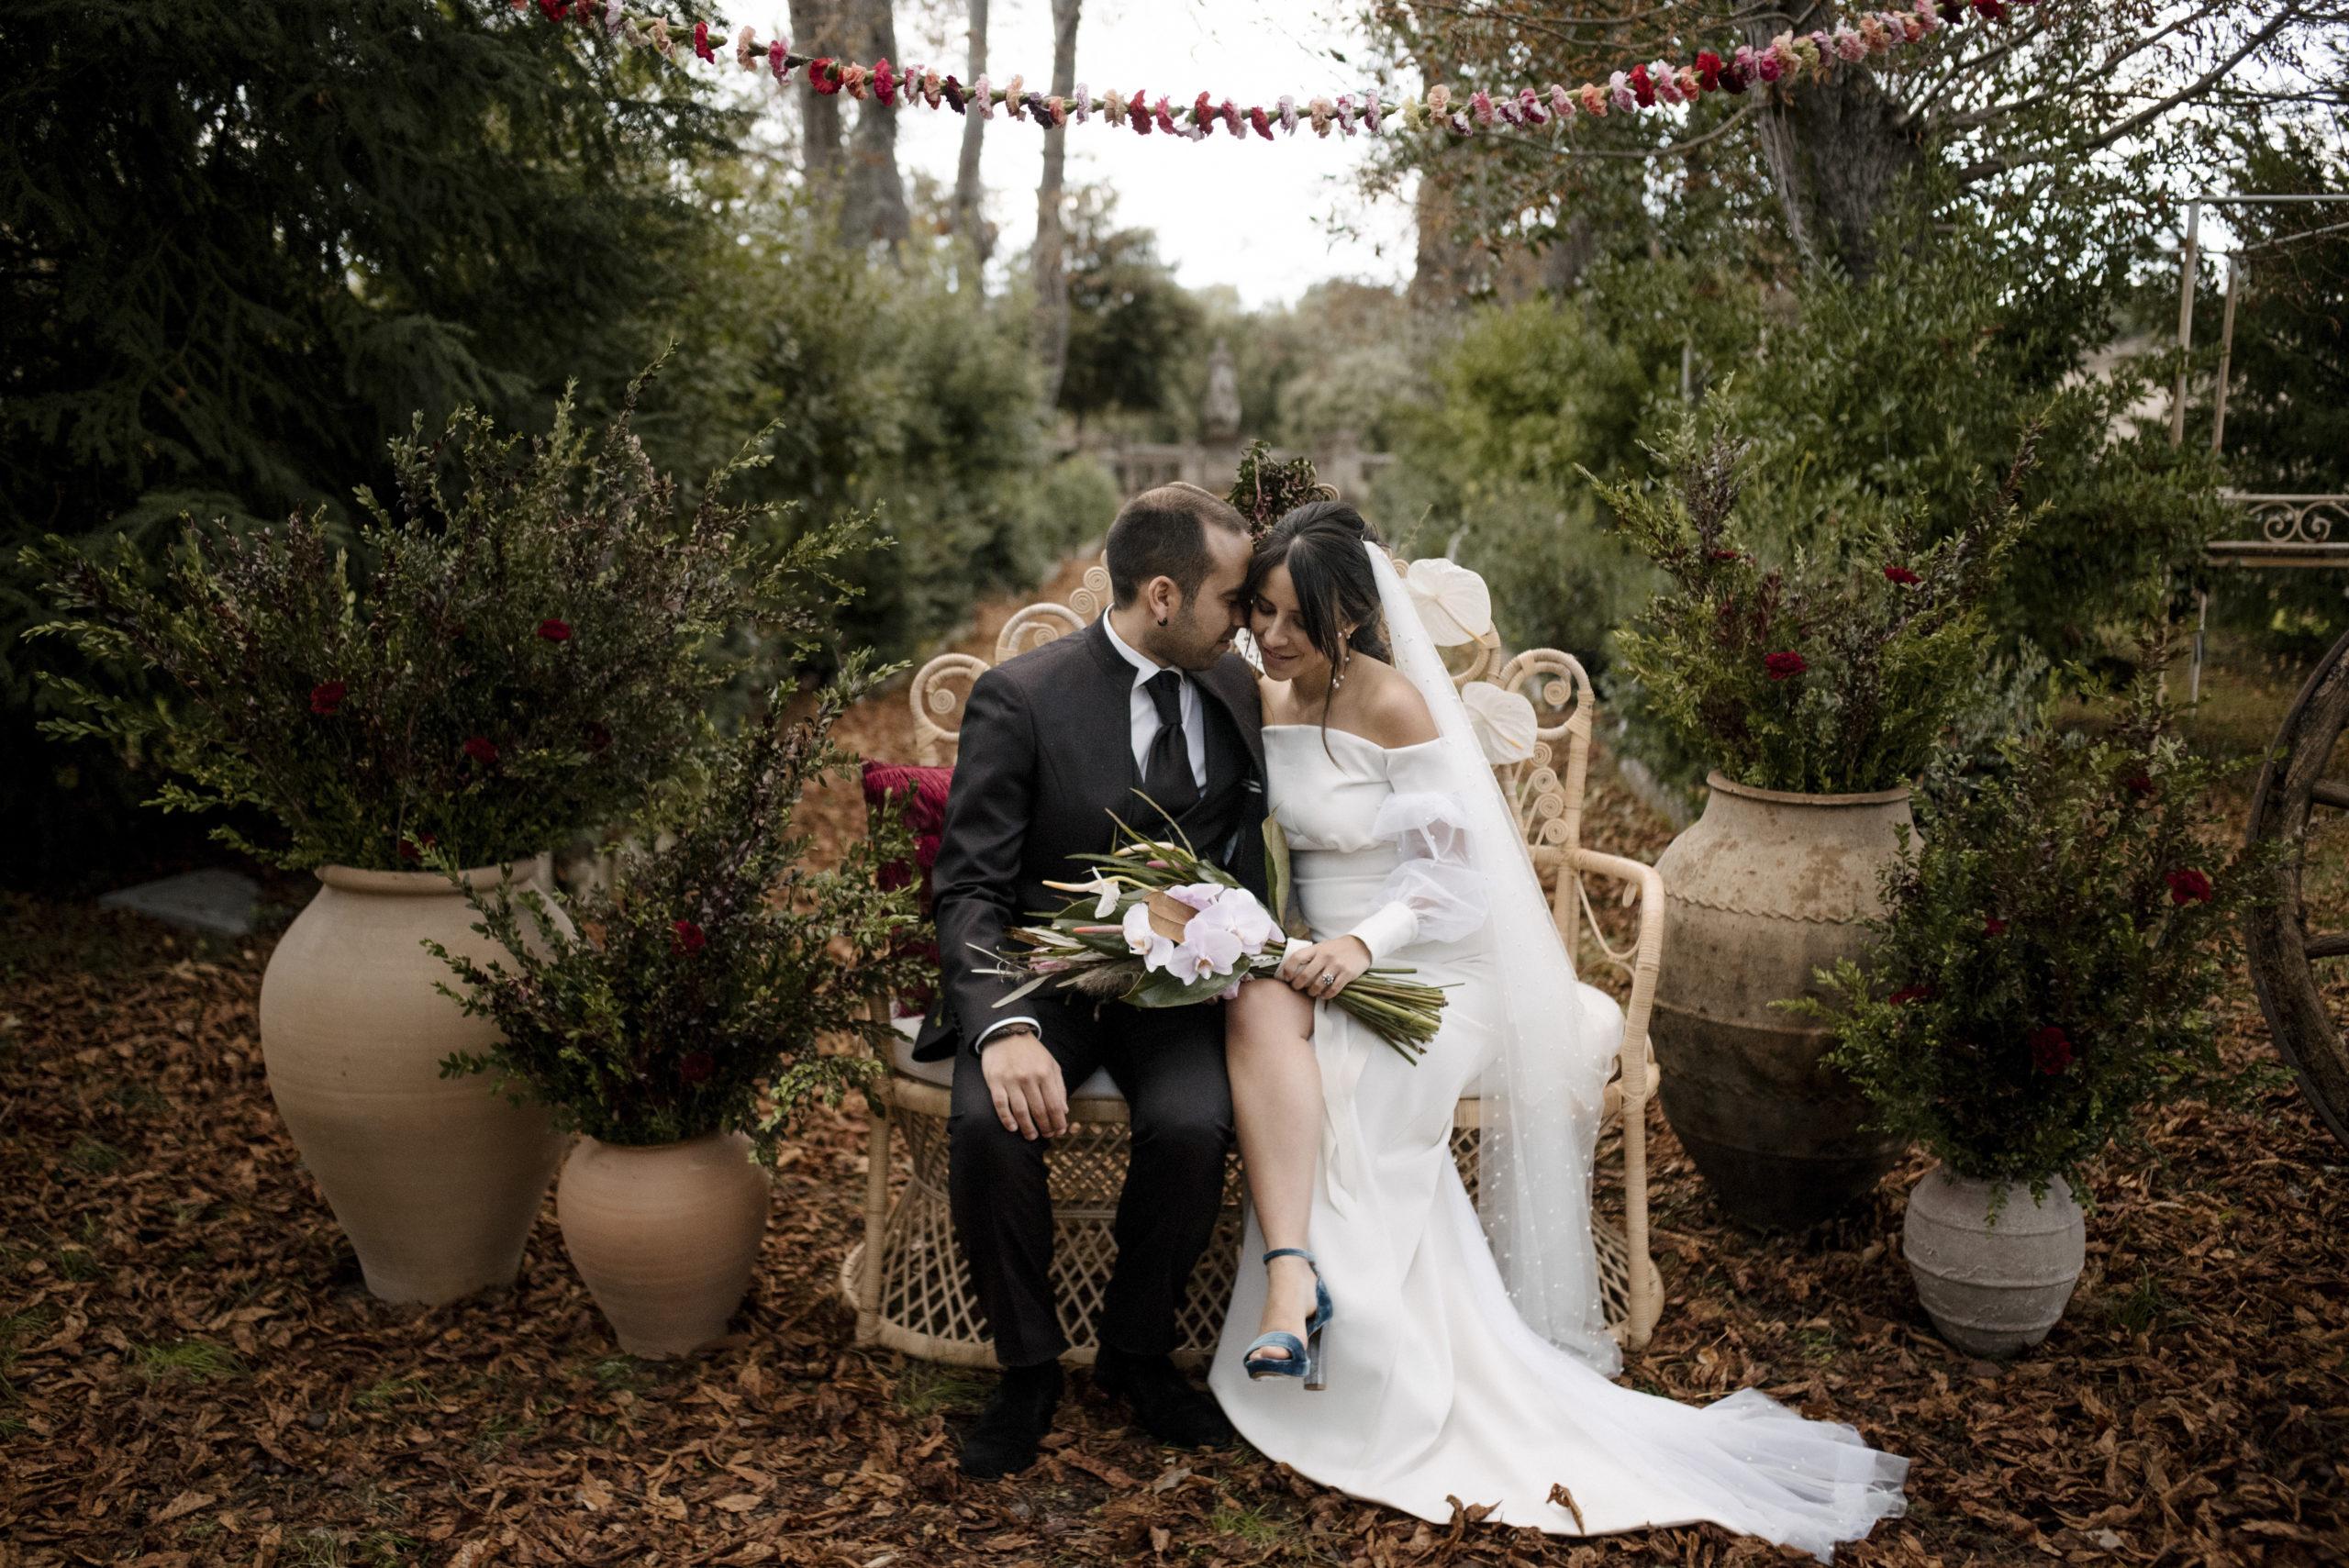 Novia y novio sentados en el sillón ratán pavo real en la ceremonia de boda